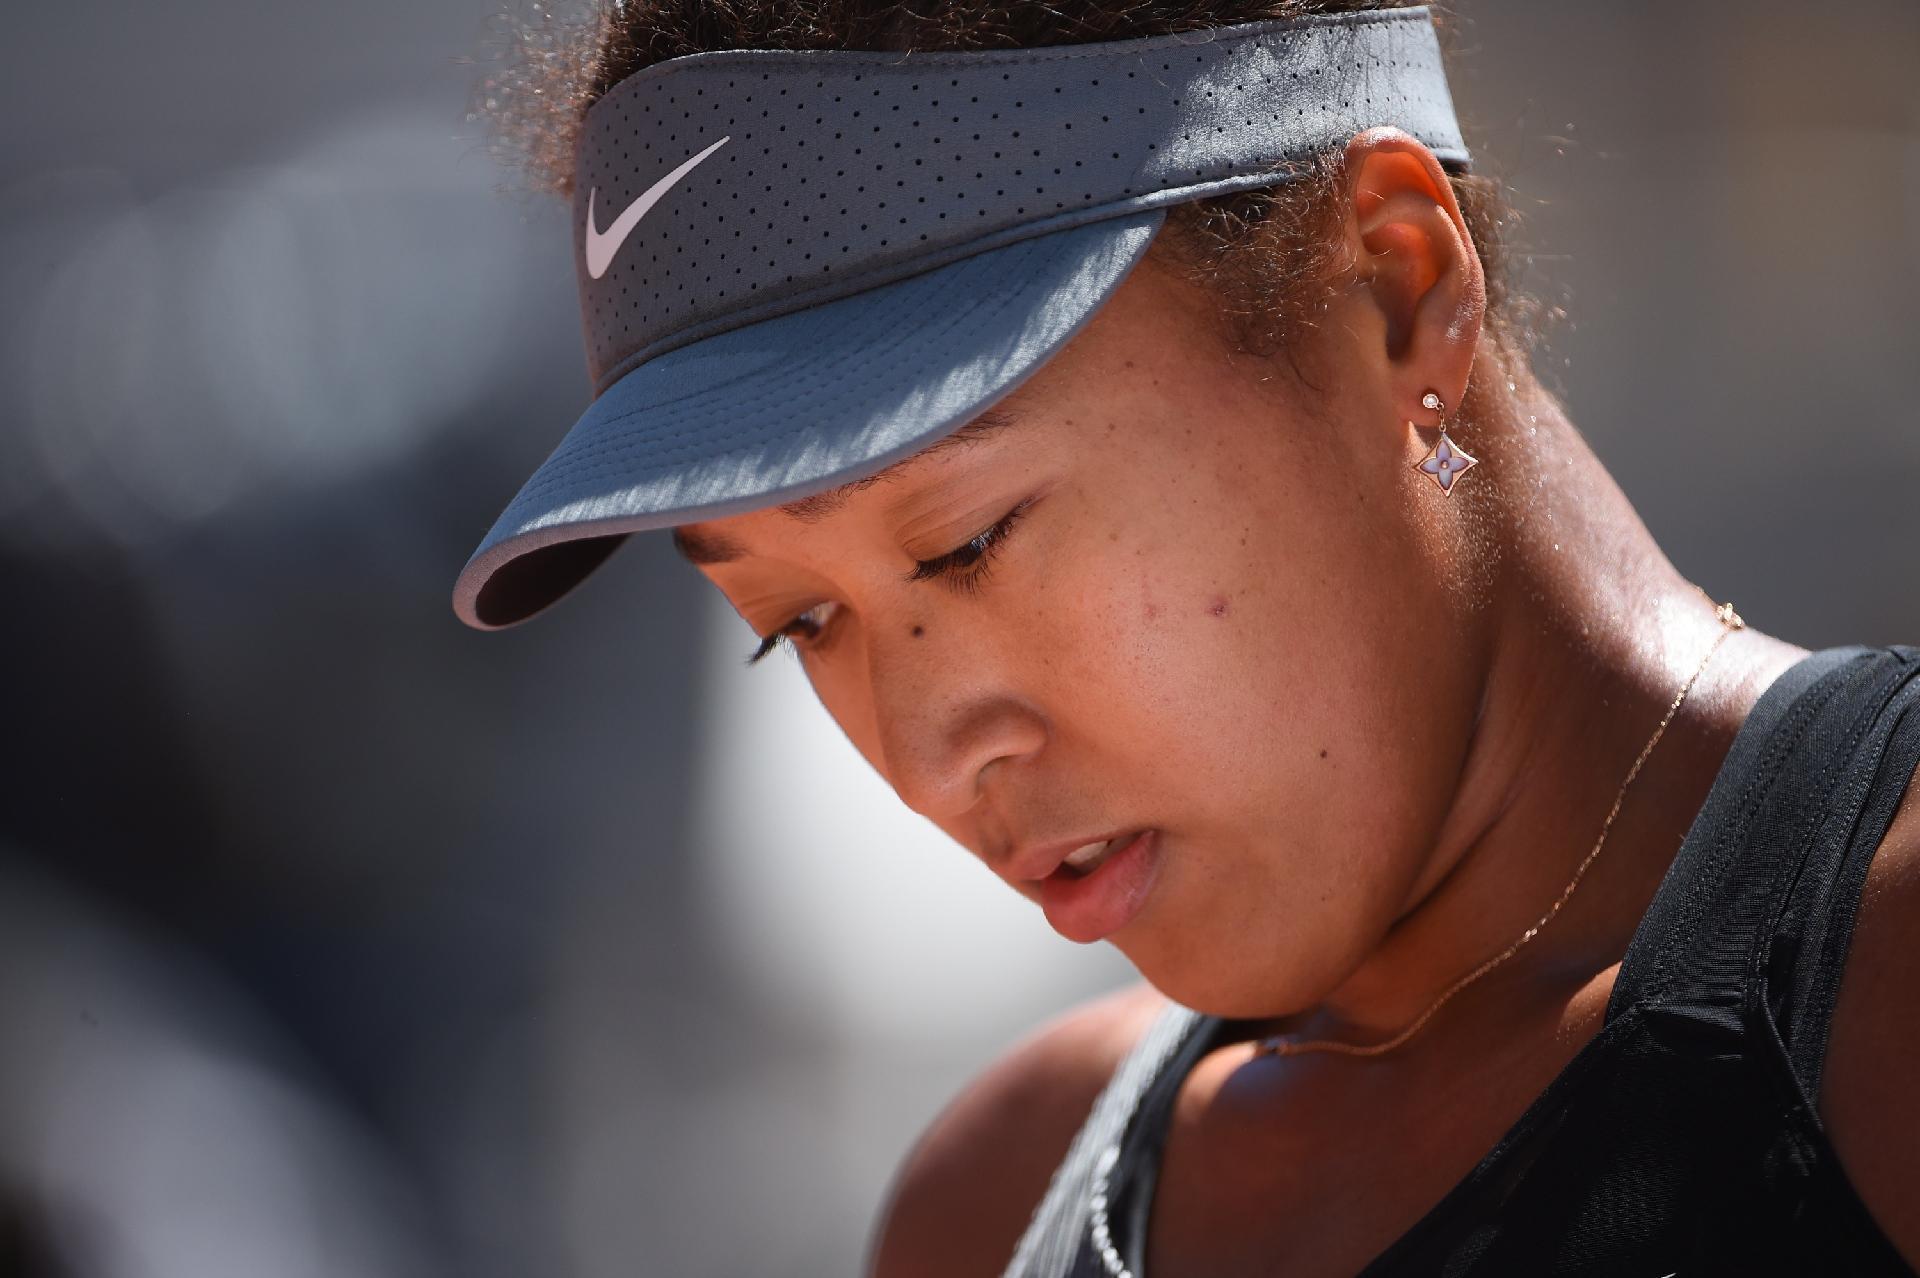 Roland Garros: Osaka desiste na sequência de crises depressivas